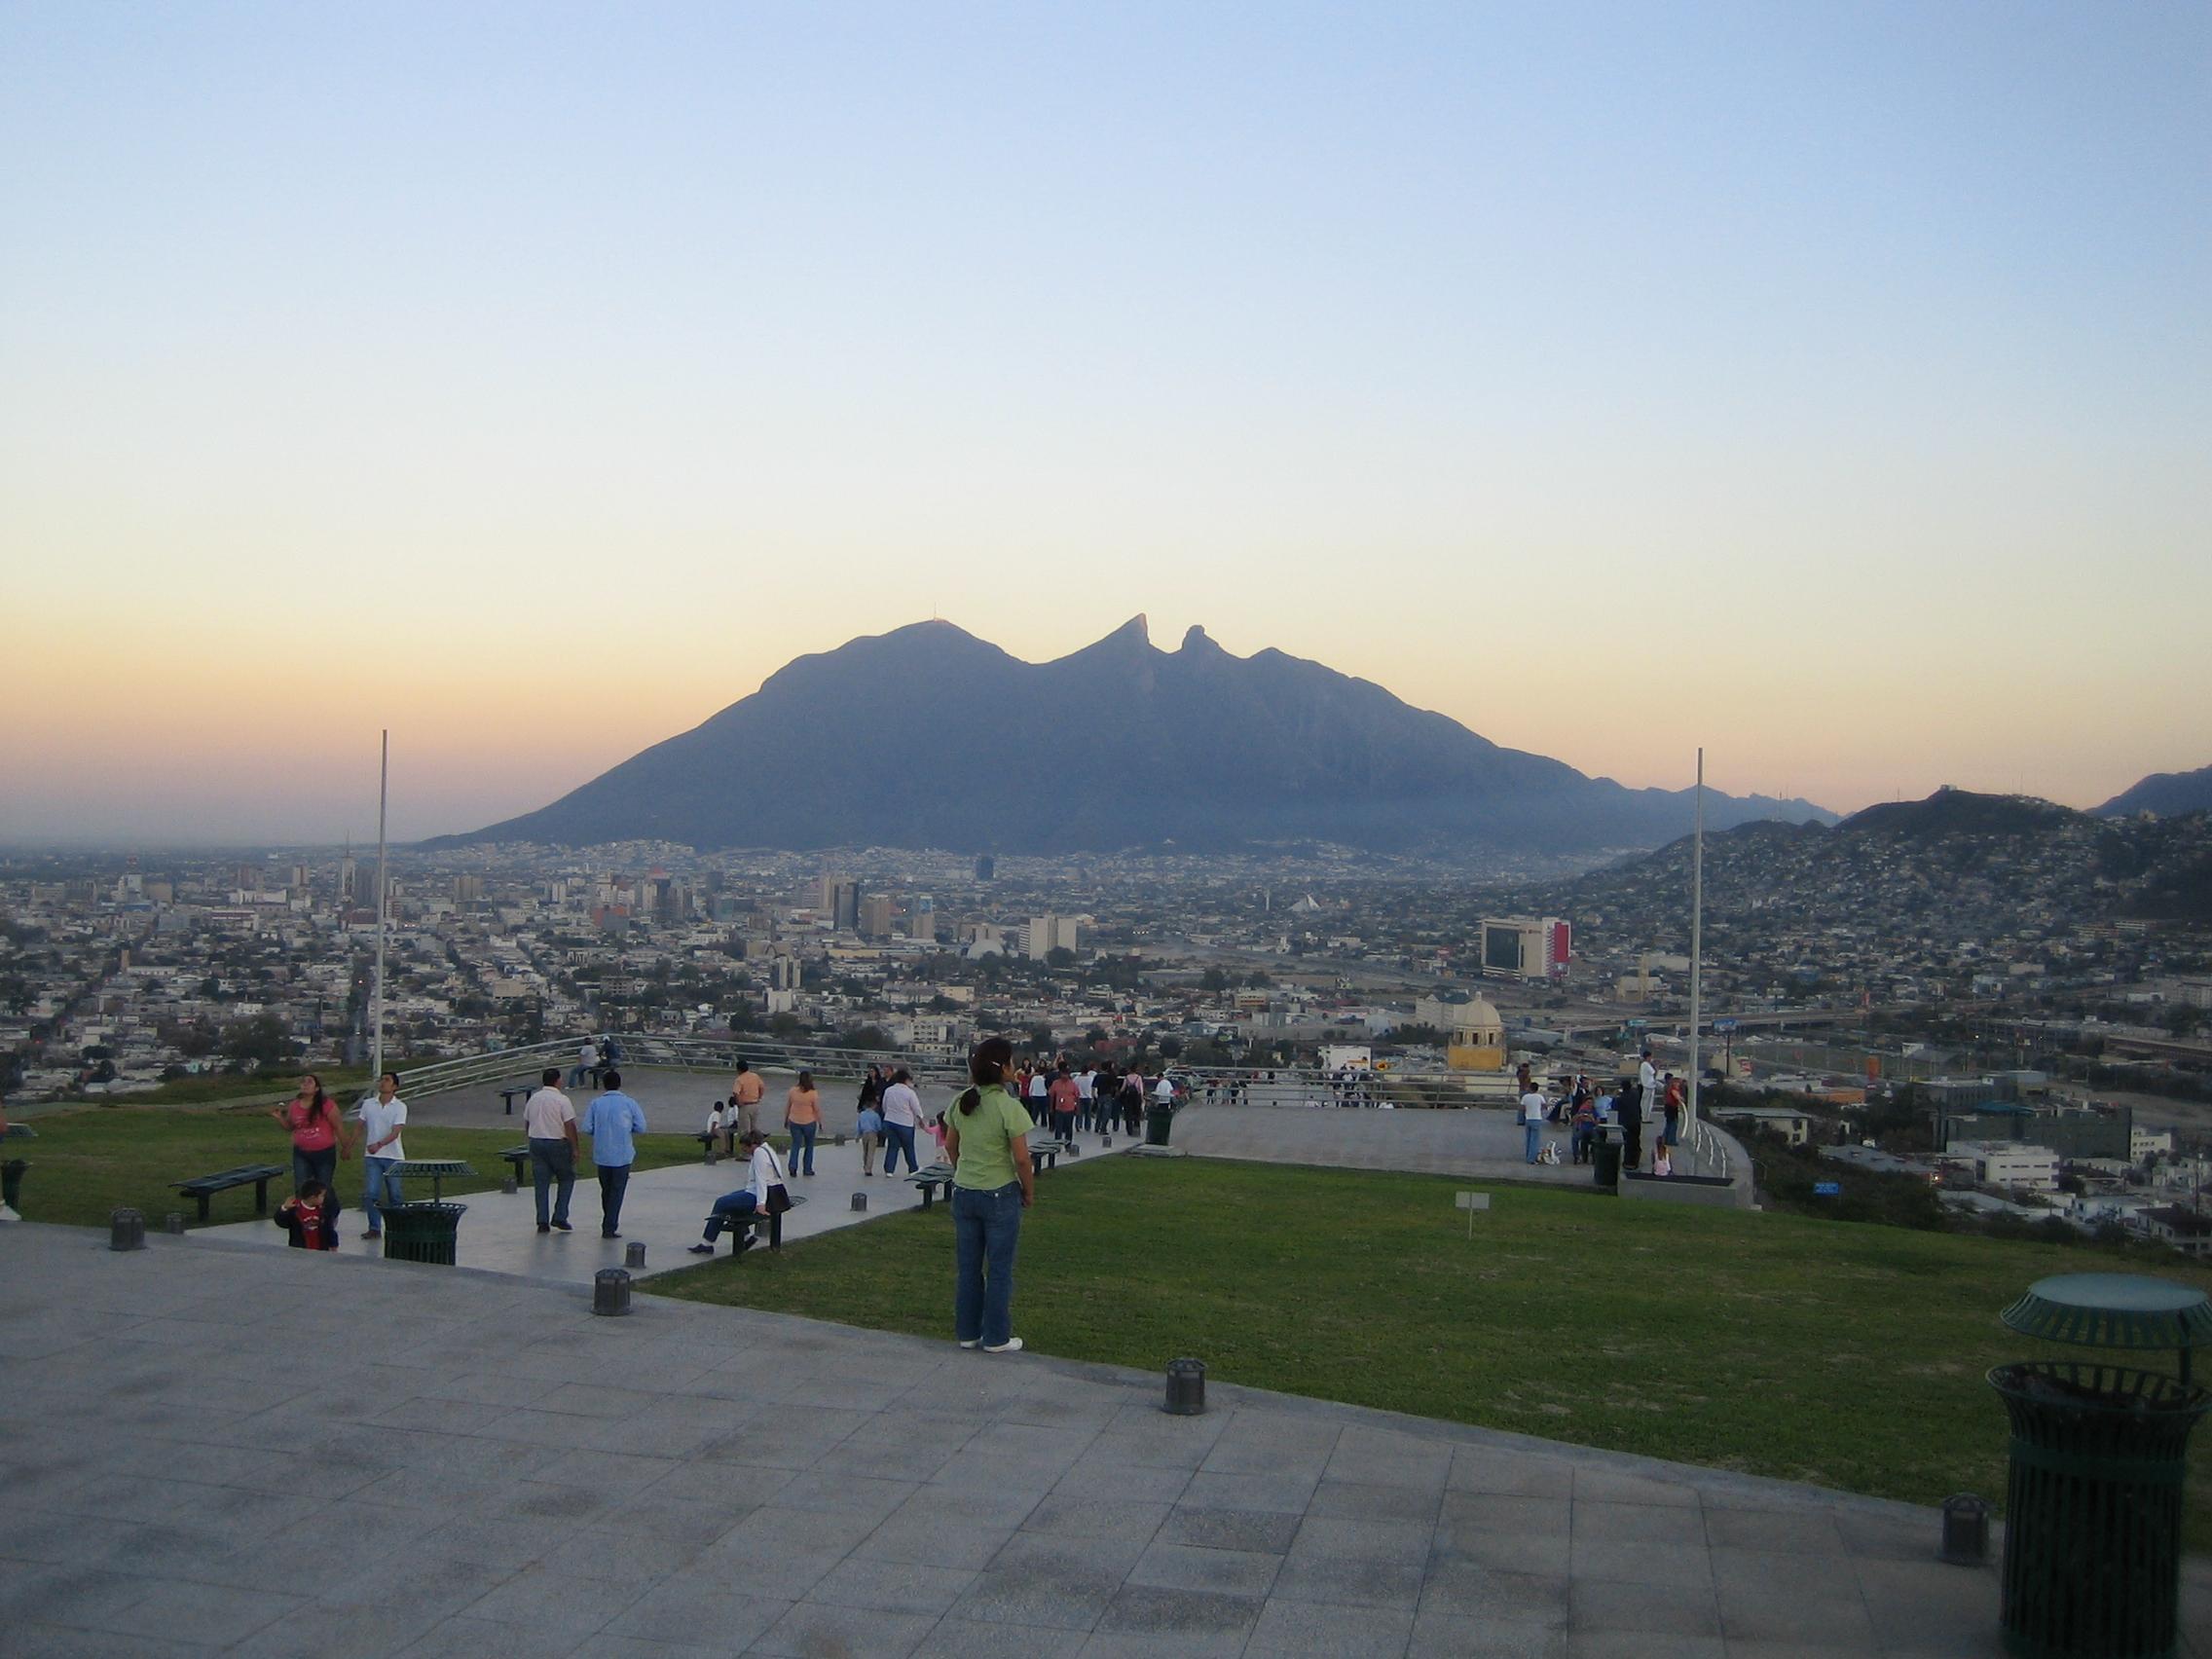 File:Cerro de la Silla Mountain Nuevo Leon.jpg - Wikimedia Commons